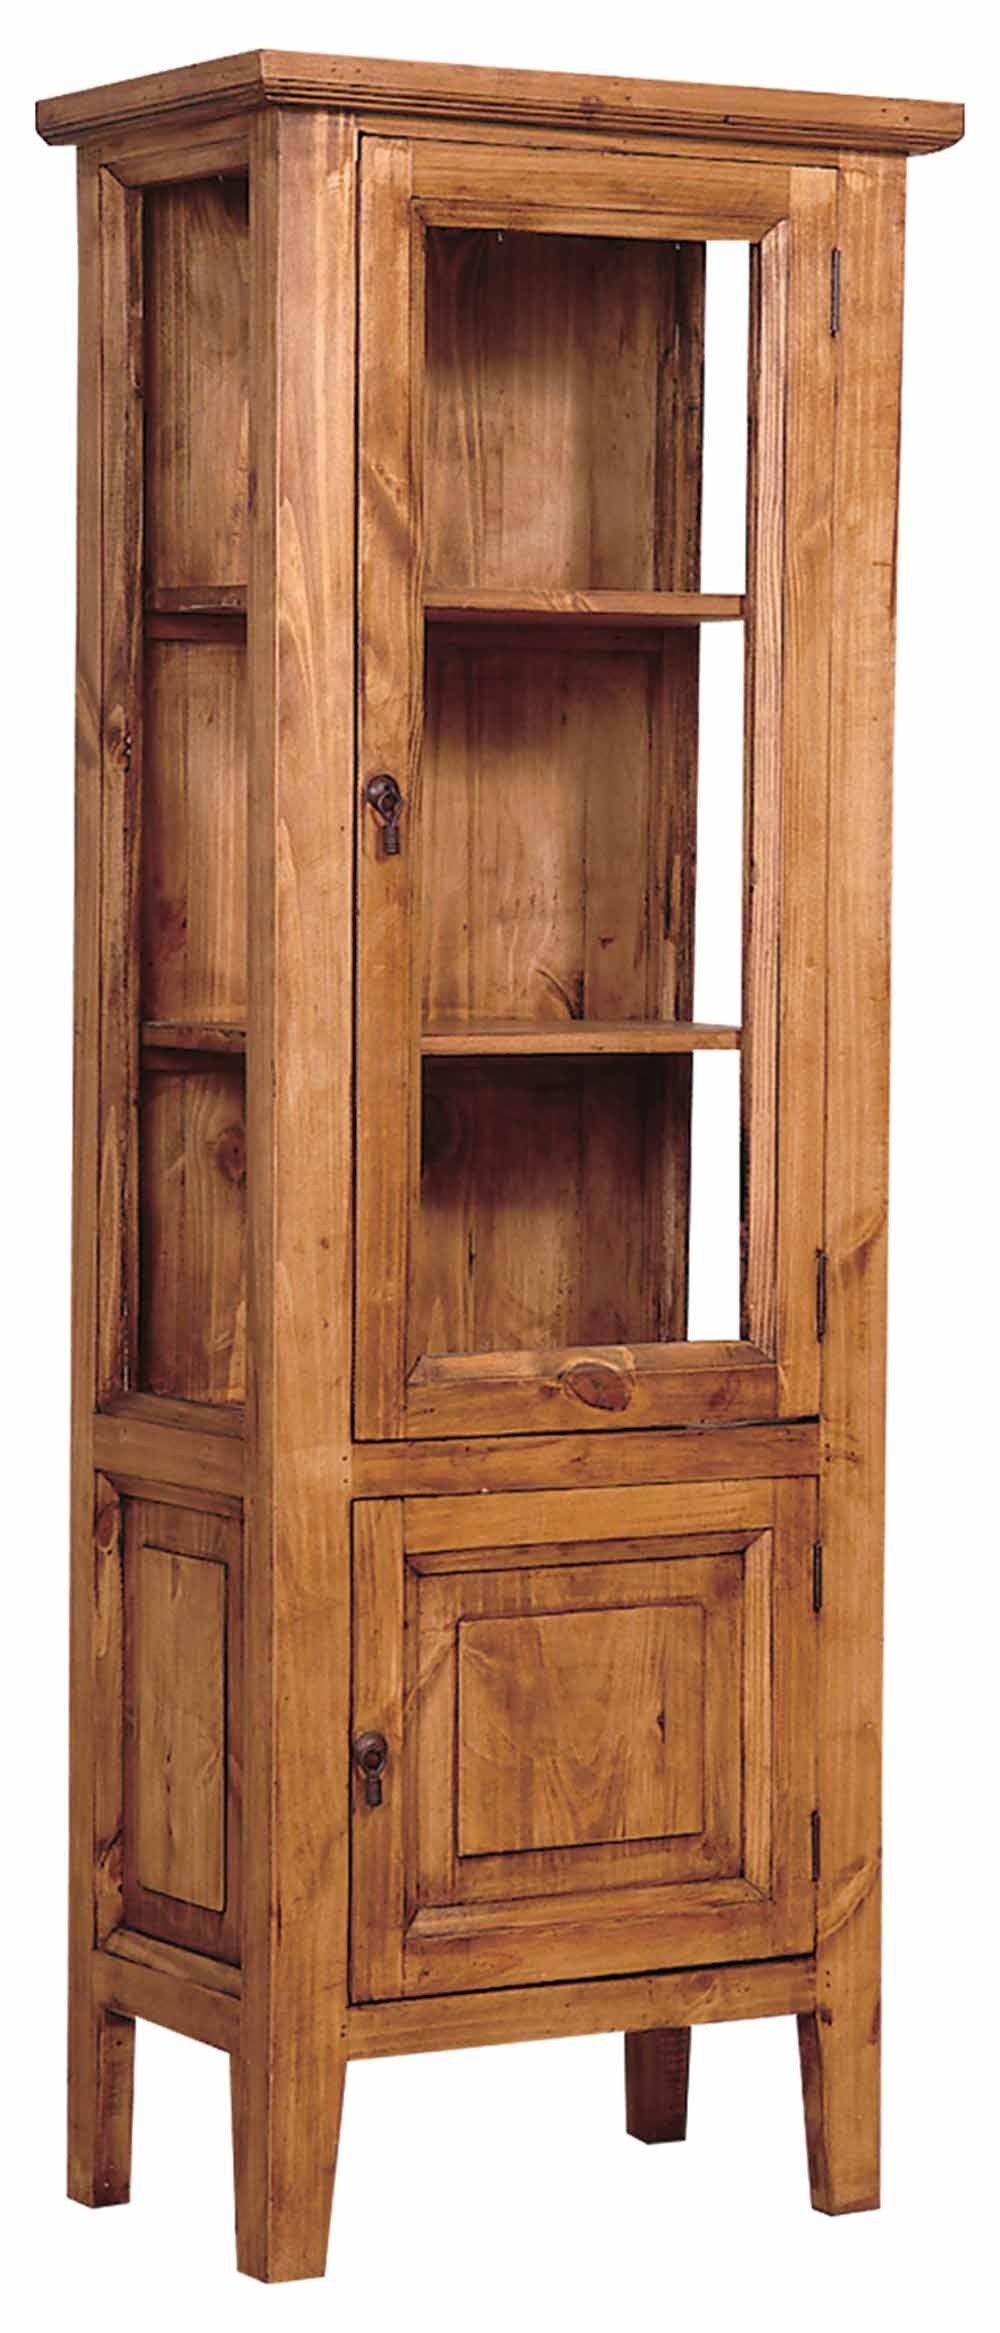 Rustic pine curio cabinet rusticpinefurniture furniture